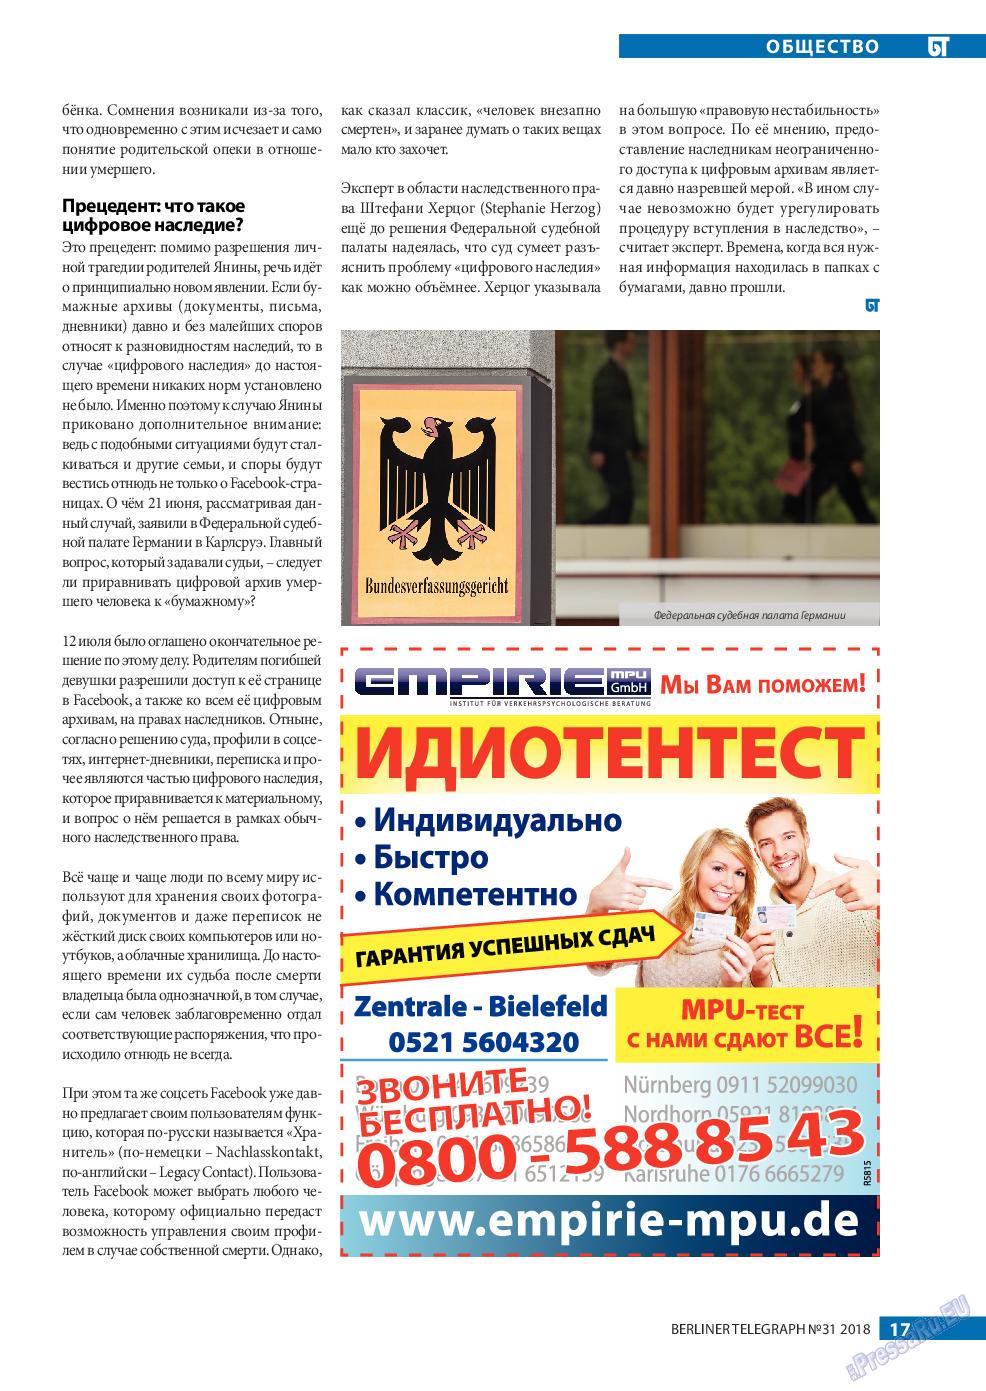 Берлинский телеграф (журнал). 2018 год, номер 31, стр. 17